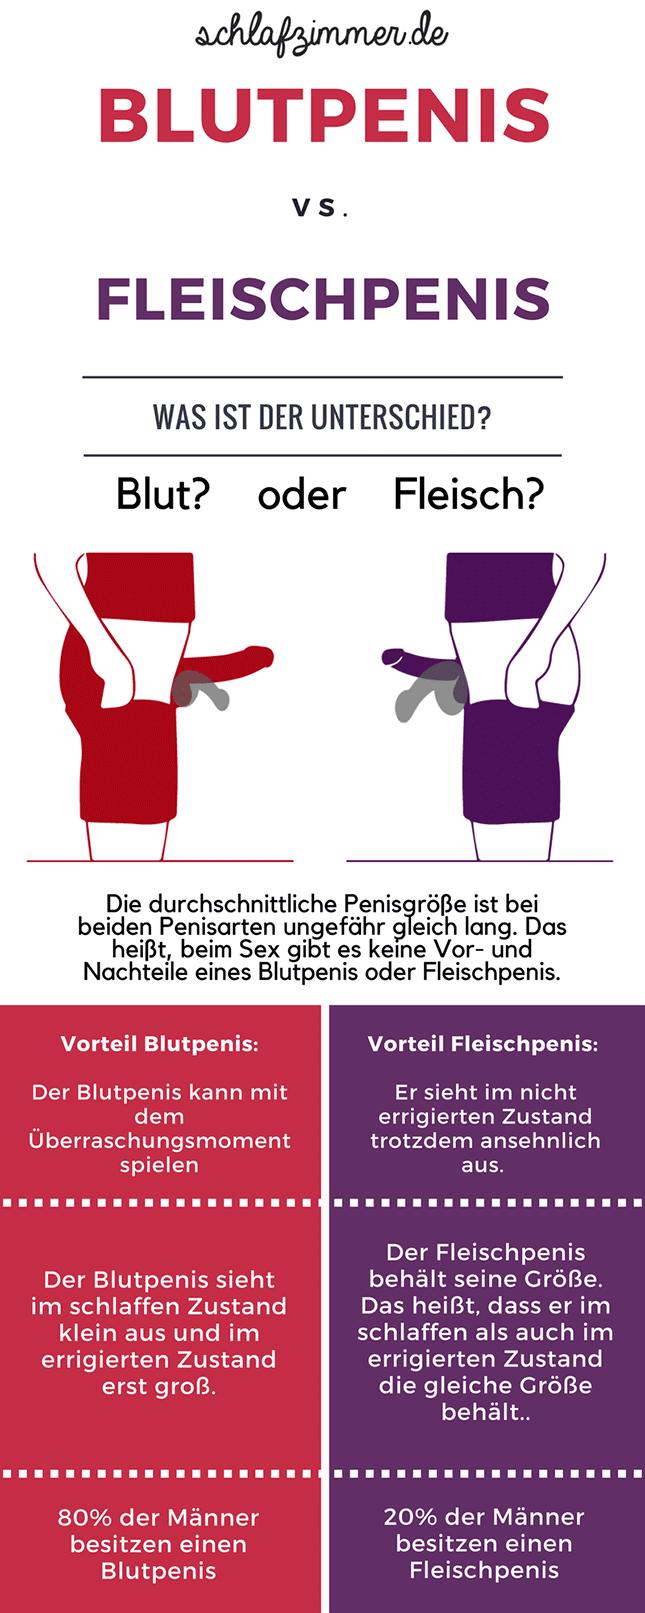 Unterschied zwischen Fleischpenis und Blutpenis Infografik